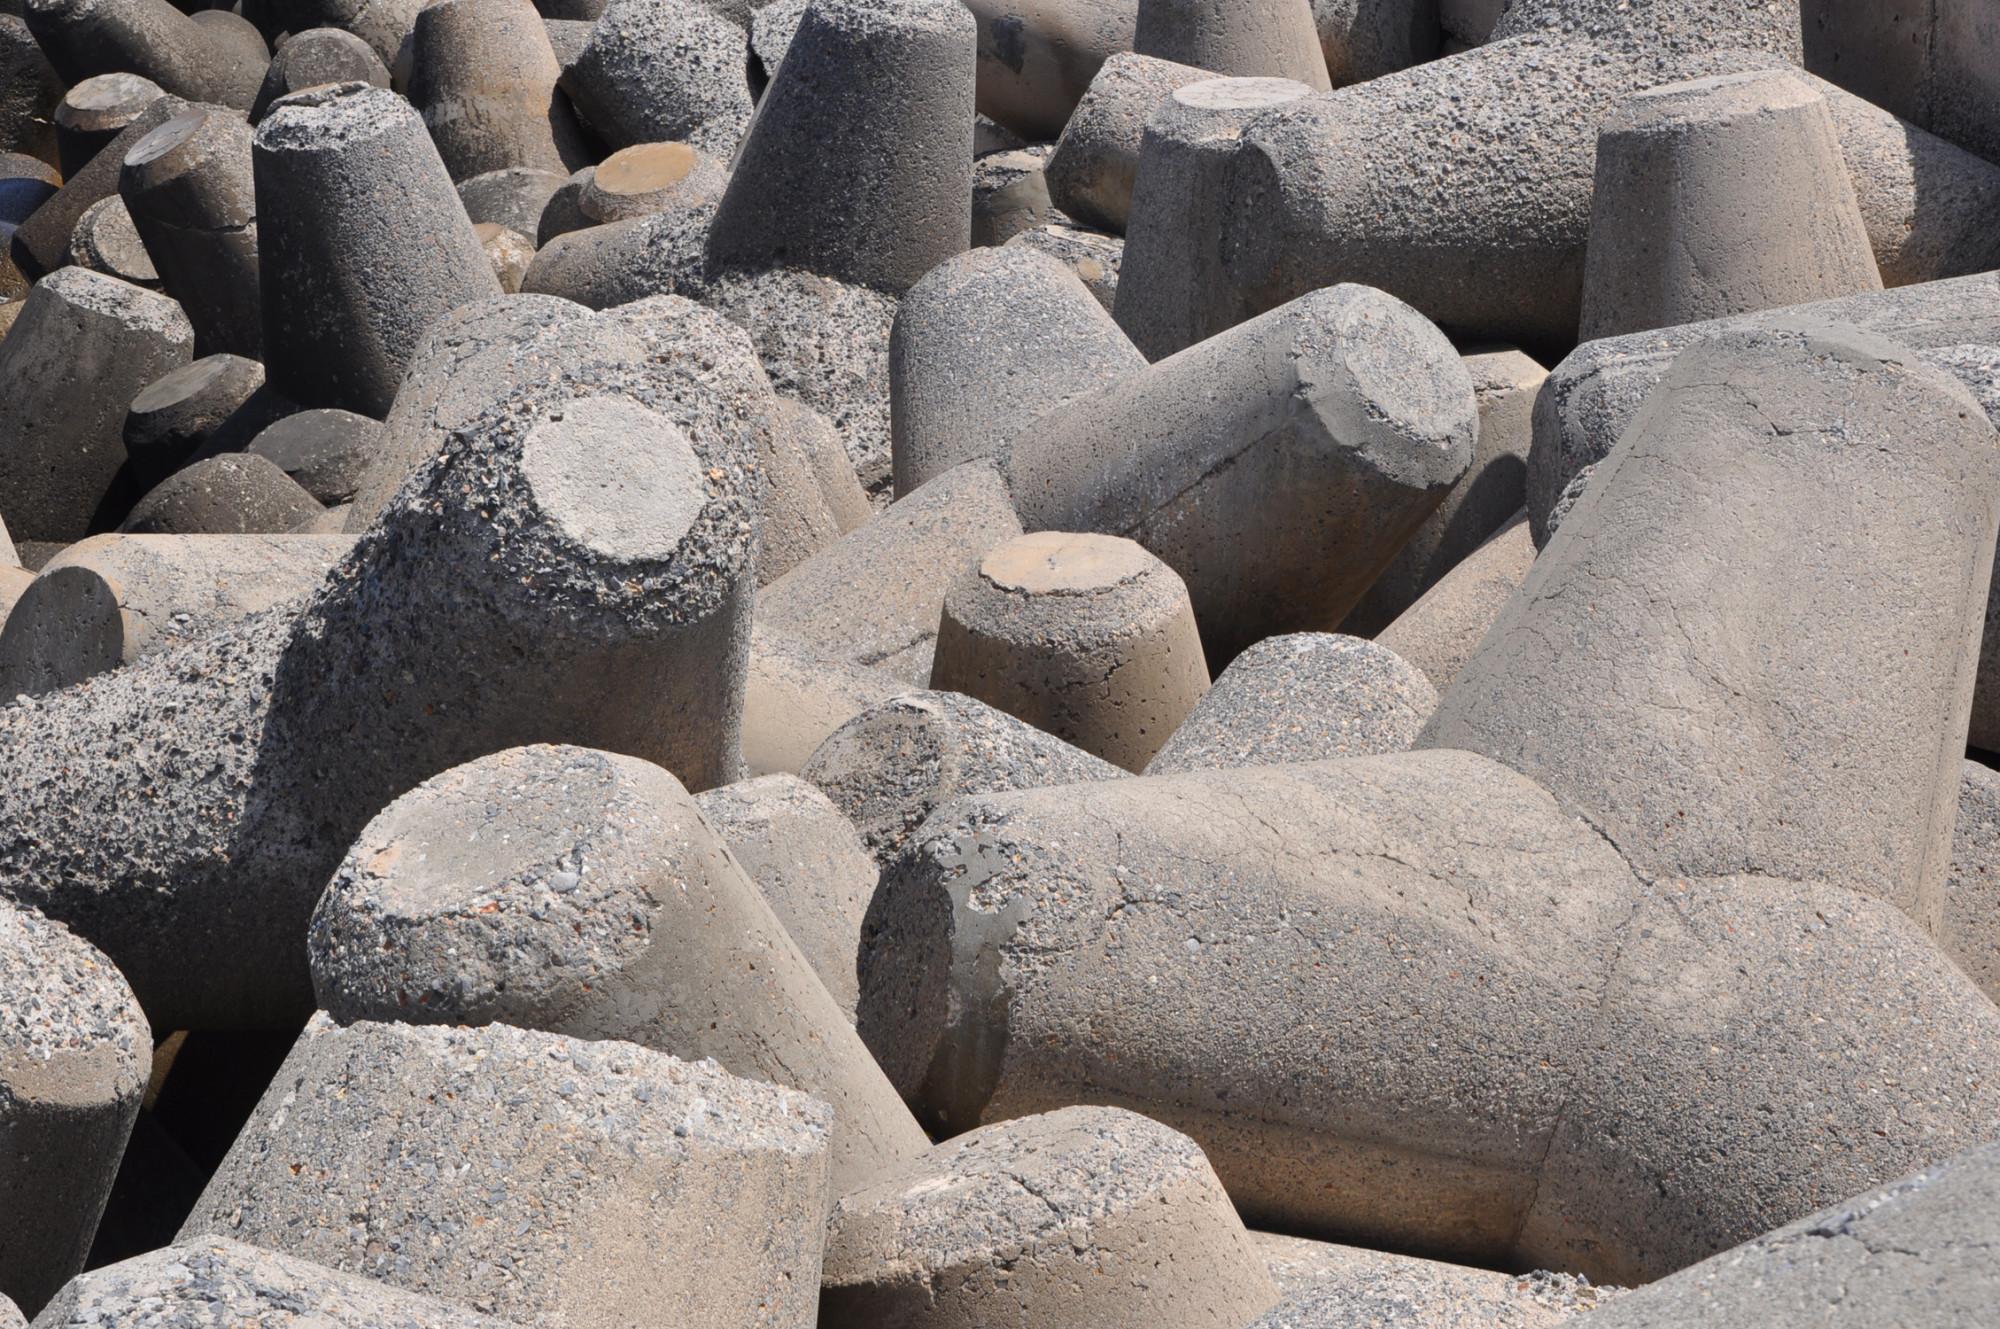 Bekannt Der Baustoff Beton und seine Eigenschaften | Beton | Eigenschaften KP14